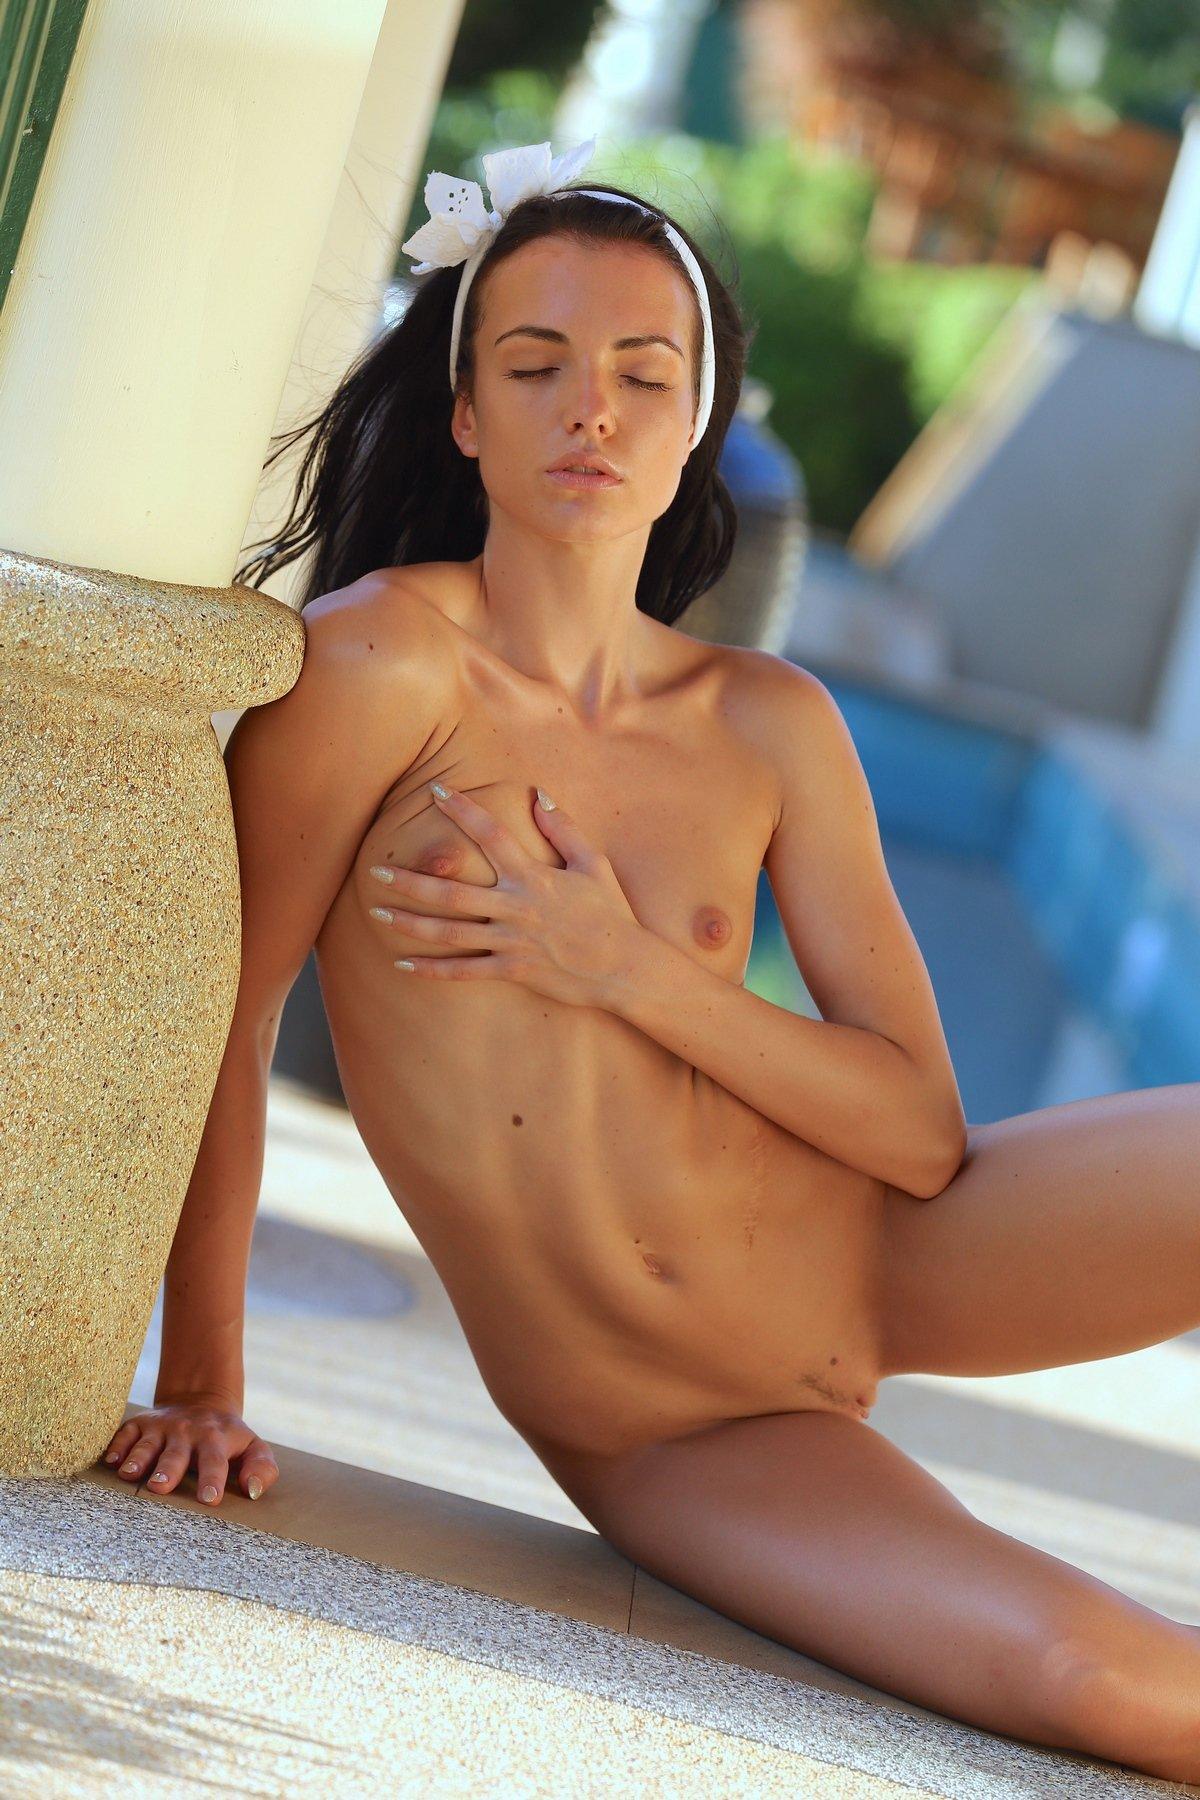 Чувственные фото 18-летней чикули около бассейна смотреть эротику